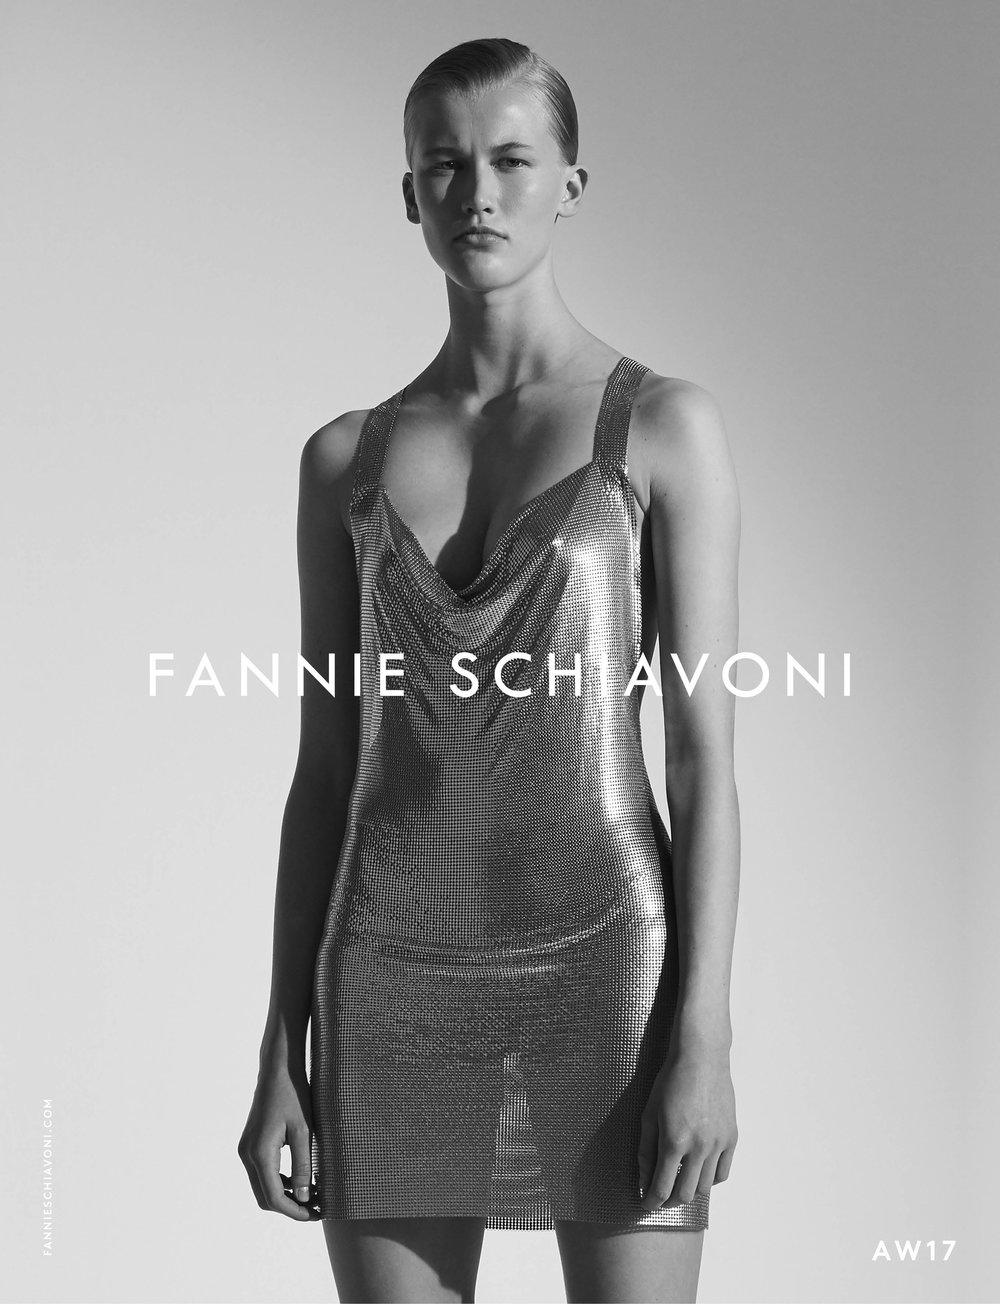 FANNIE SCHIAVONI aw17